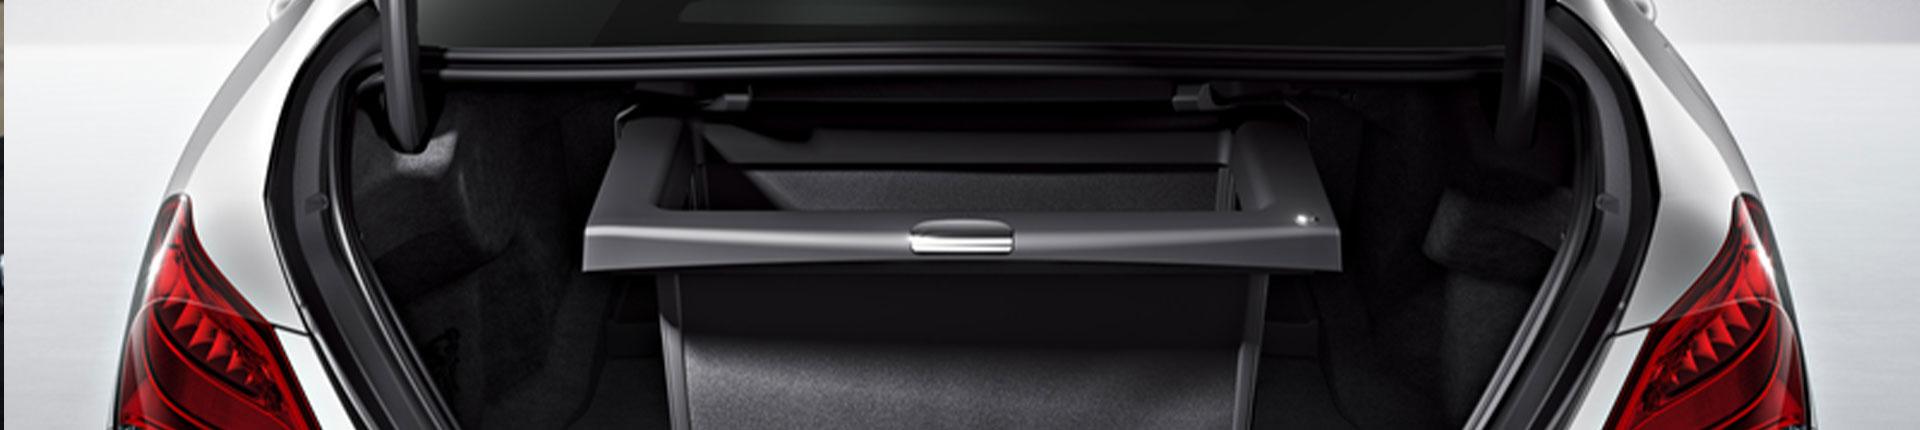 Autohaus_Max-Schultz-Mercedes-Smart-Zubehör-Dachbox-Dachträger-Fahrradträger-Tuning-amg